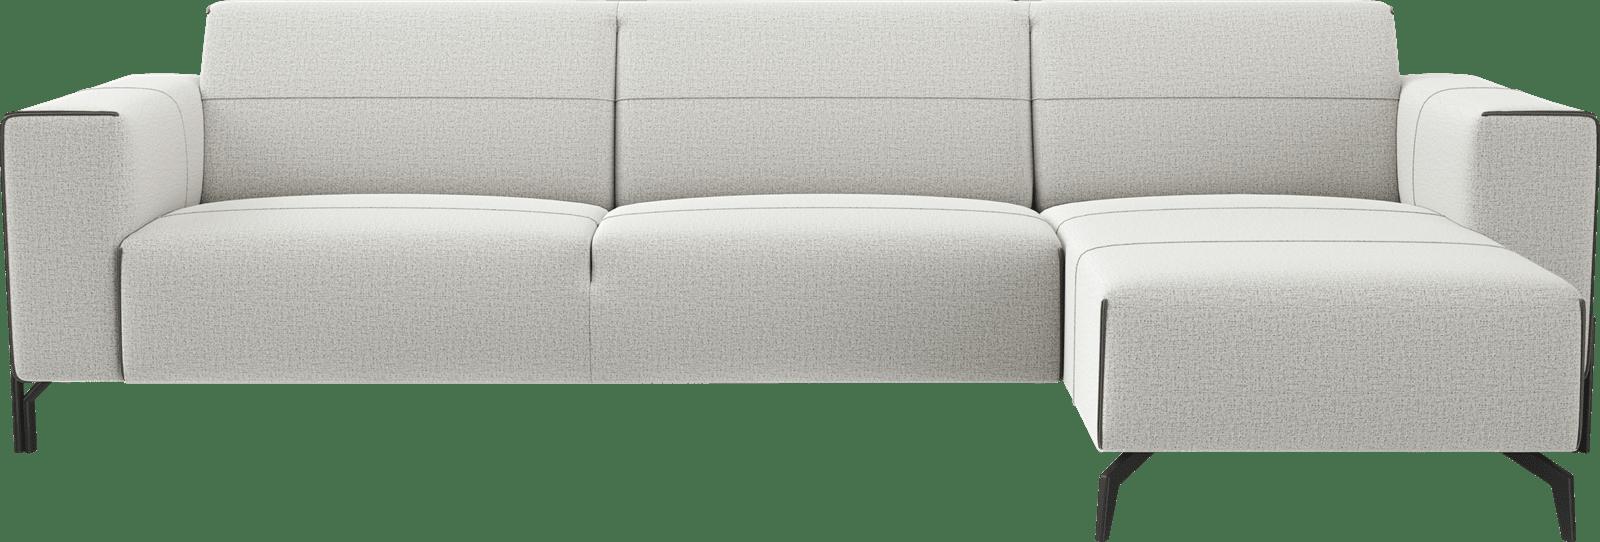 XOOON - Prizzi - Toutes les canapés - 2,5 places accoudoir gauche - Meridienne droite